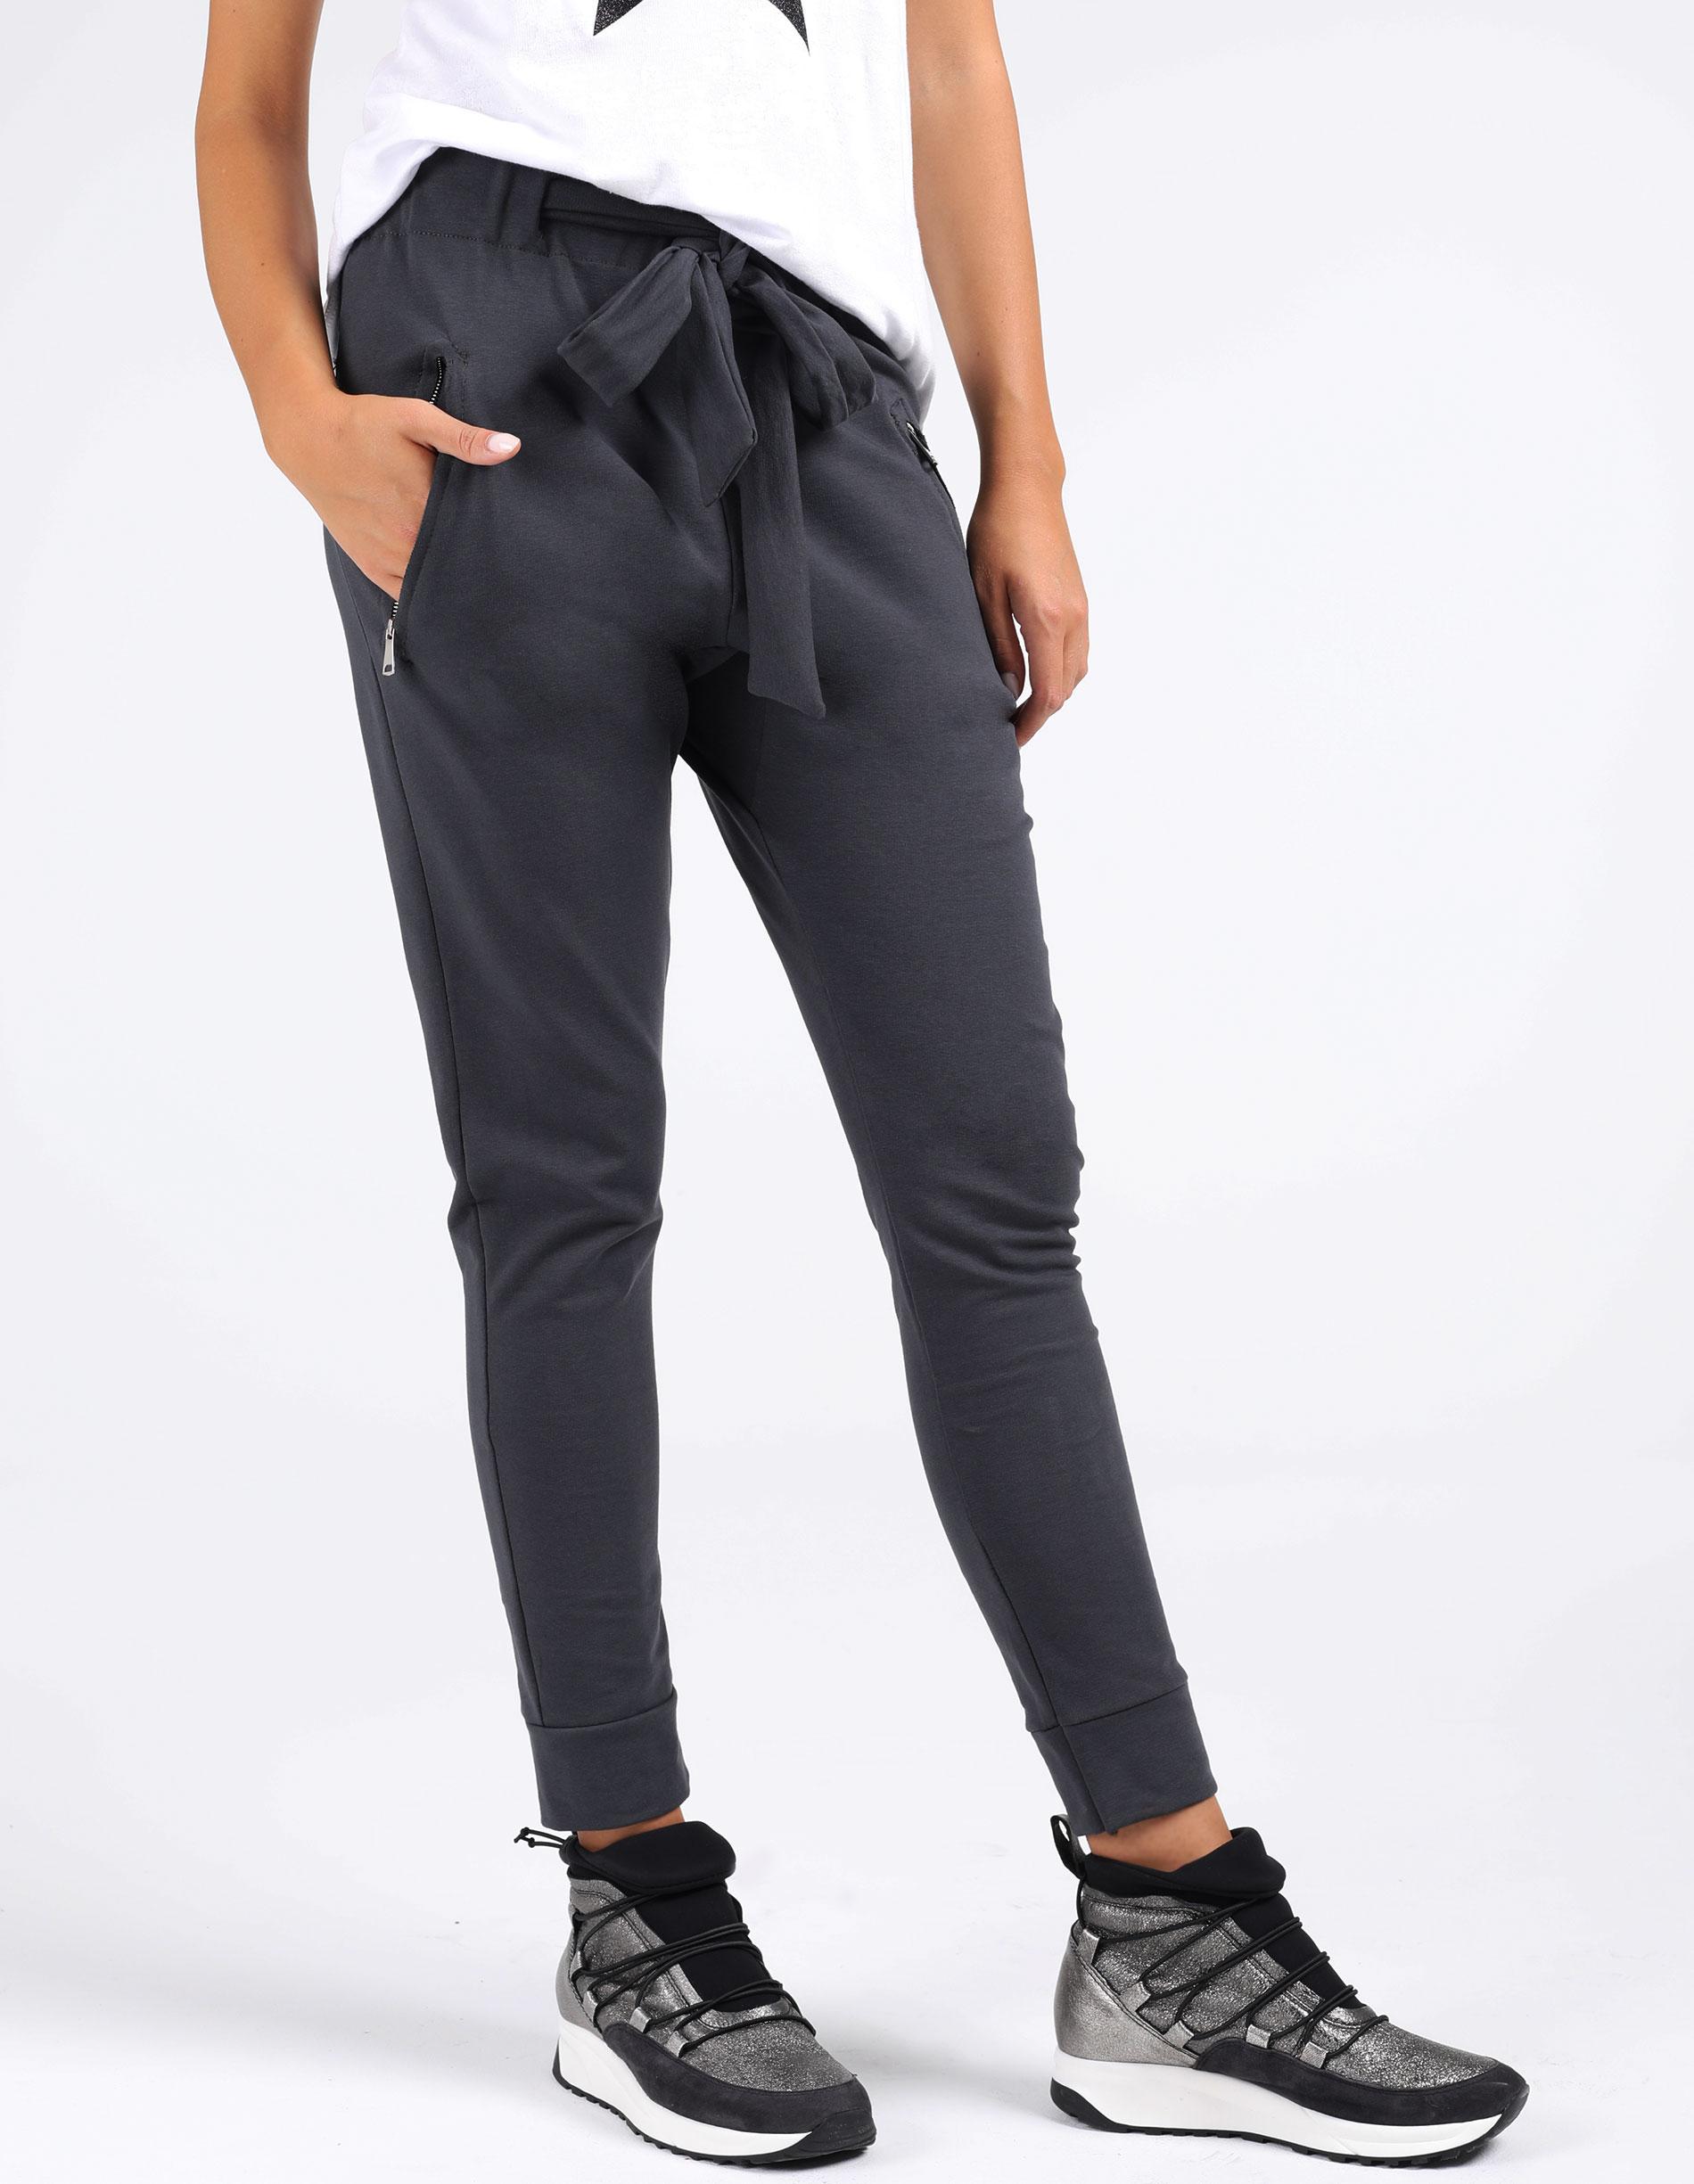 Spodnie - 30-67026 PIOM - Unisono